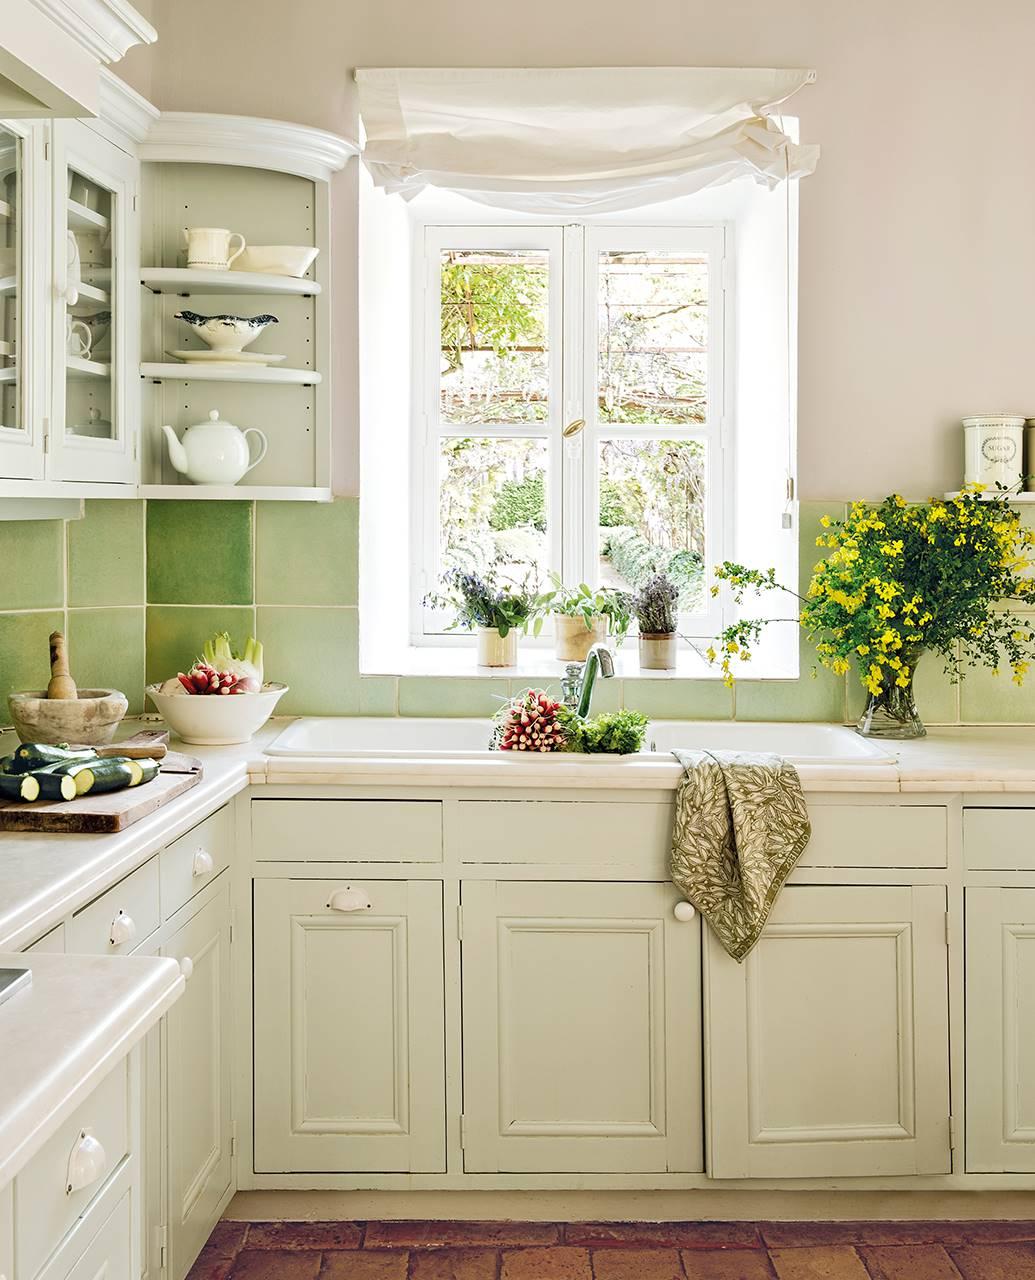 C mo elegir pintura para los azulejos for Azulejos de cocina de loza